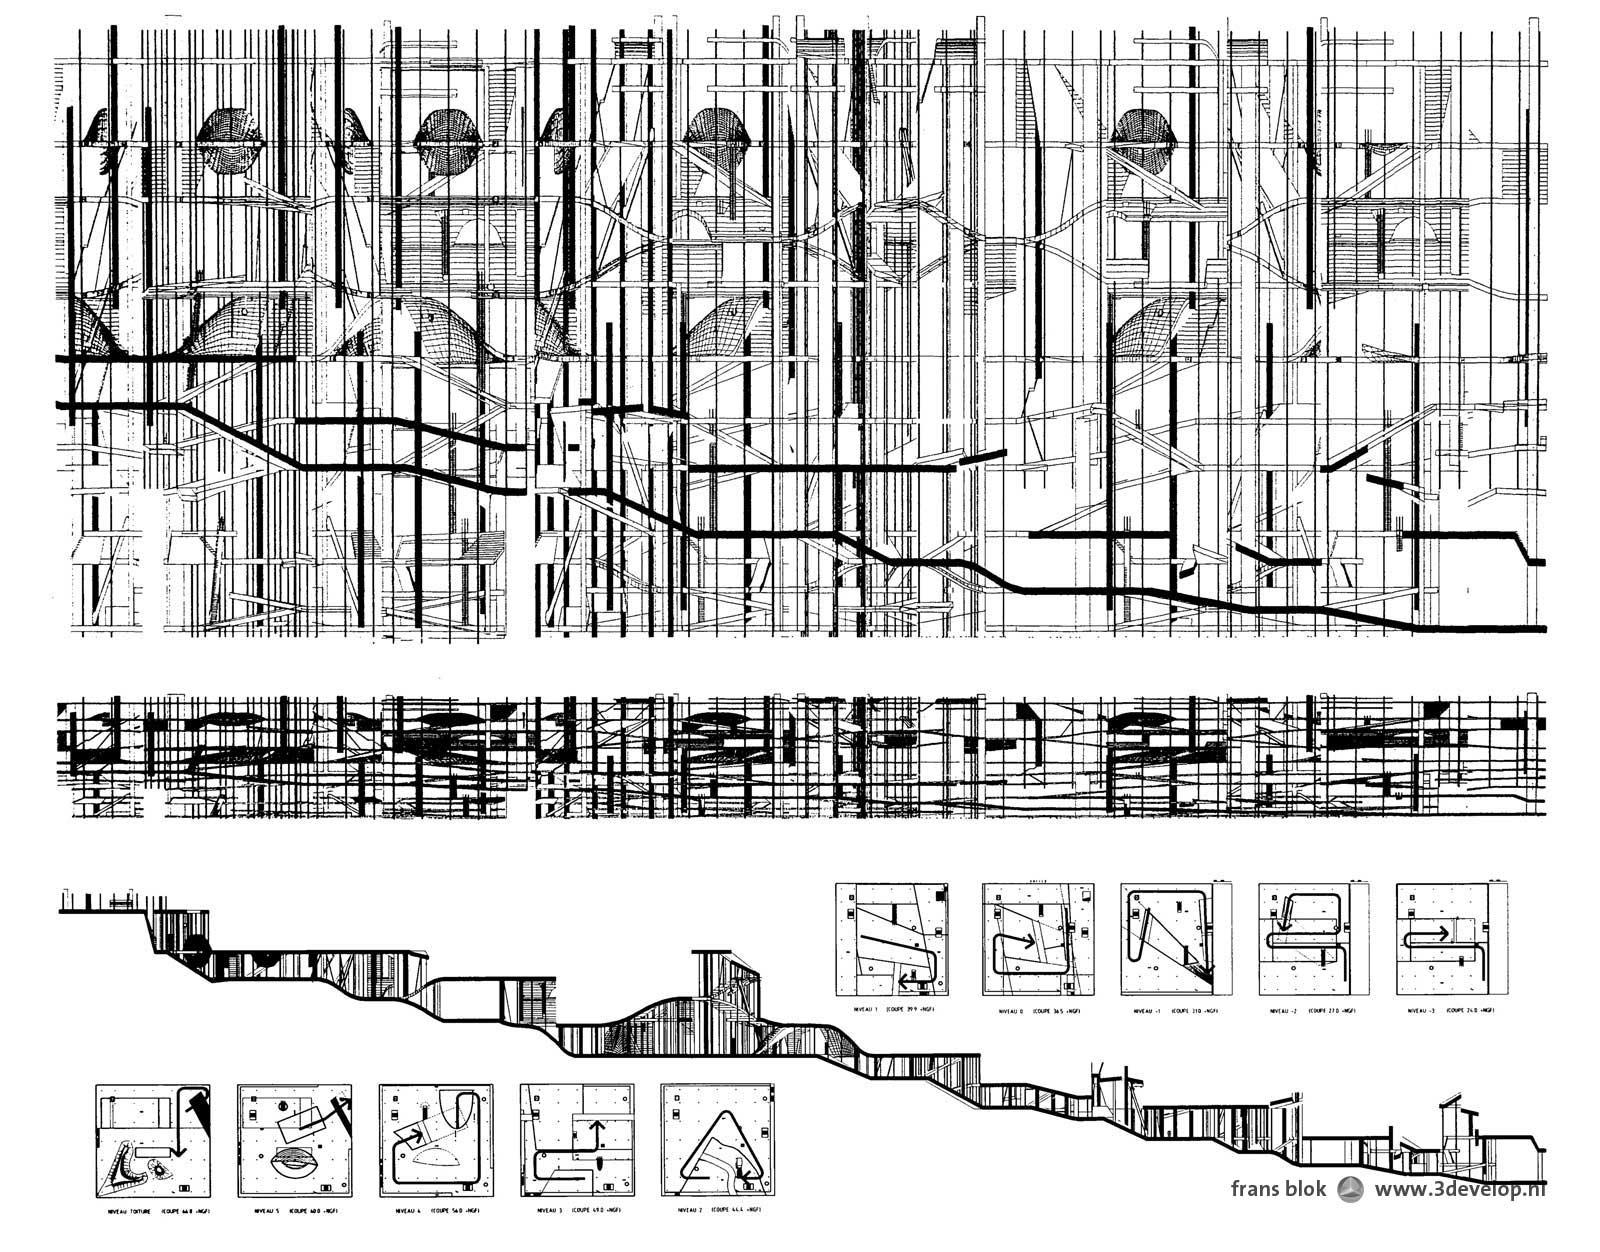 Portfolio zwart wit 3develop visualisatie en ontwerp - Bibliotheques ontwerp ...